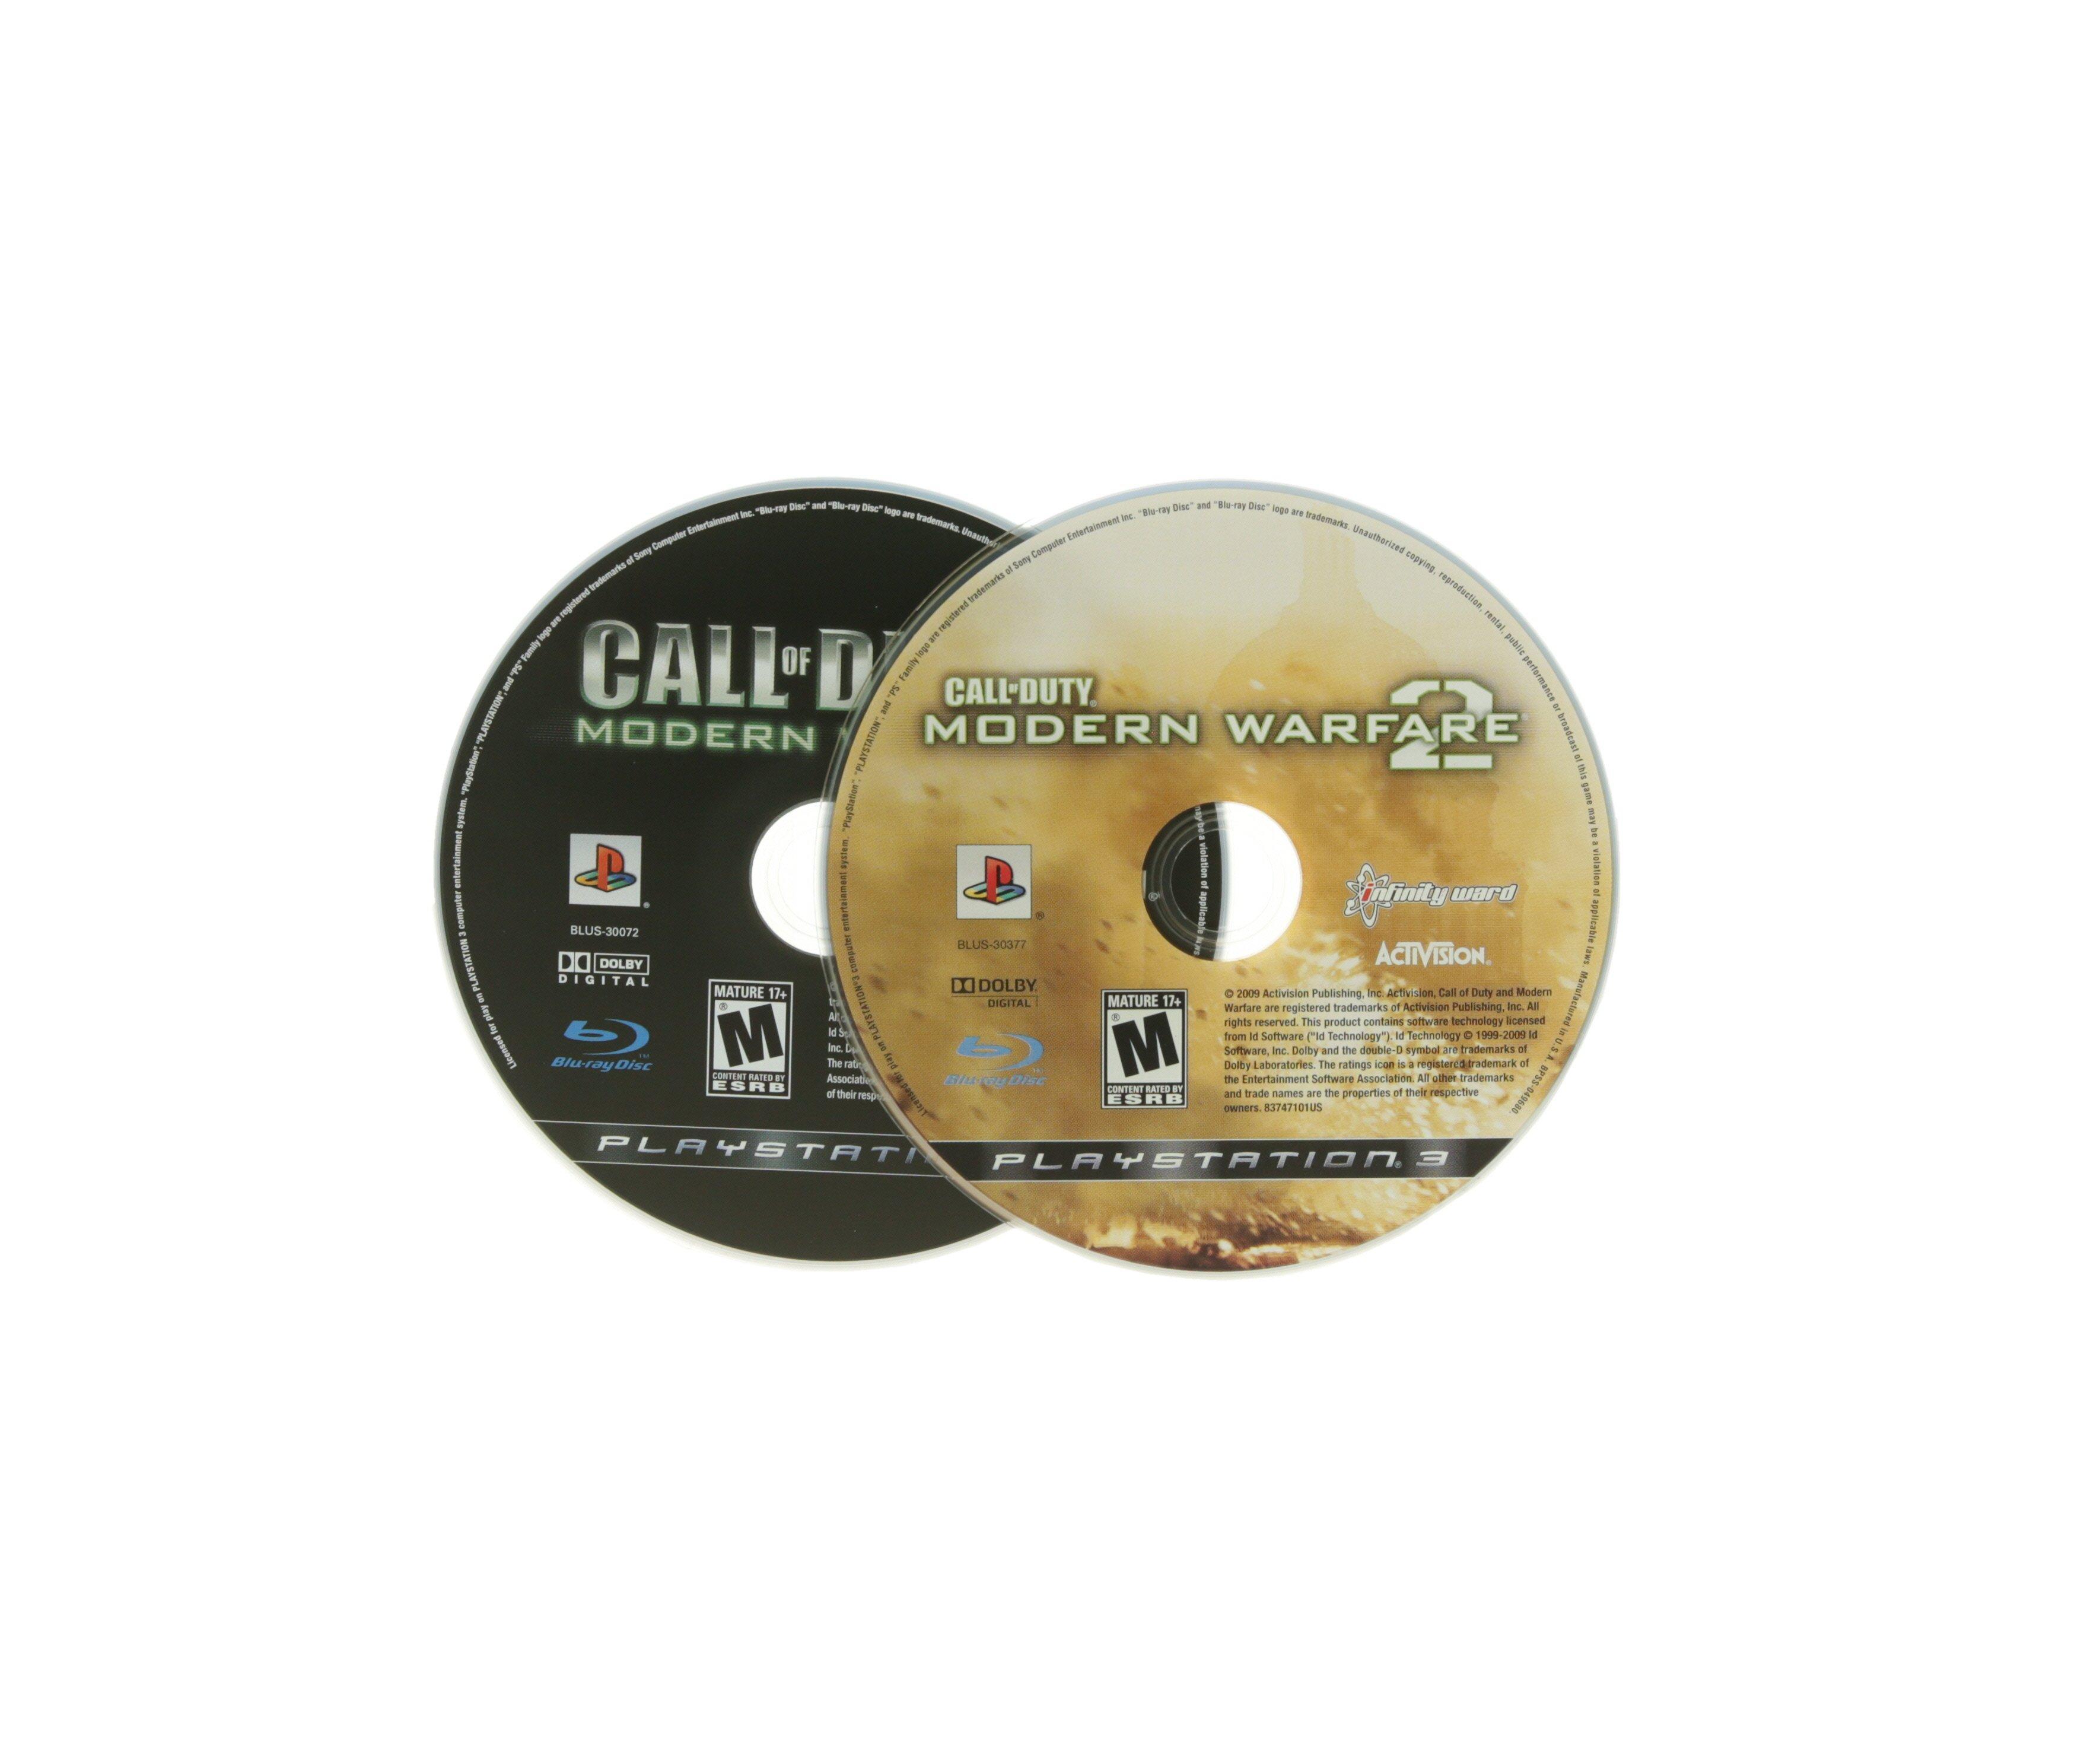 Call Of Duty 4 Modern Warfare And Call Of Duty Modern Warfare 2